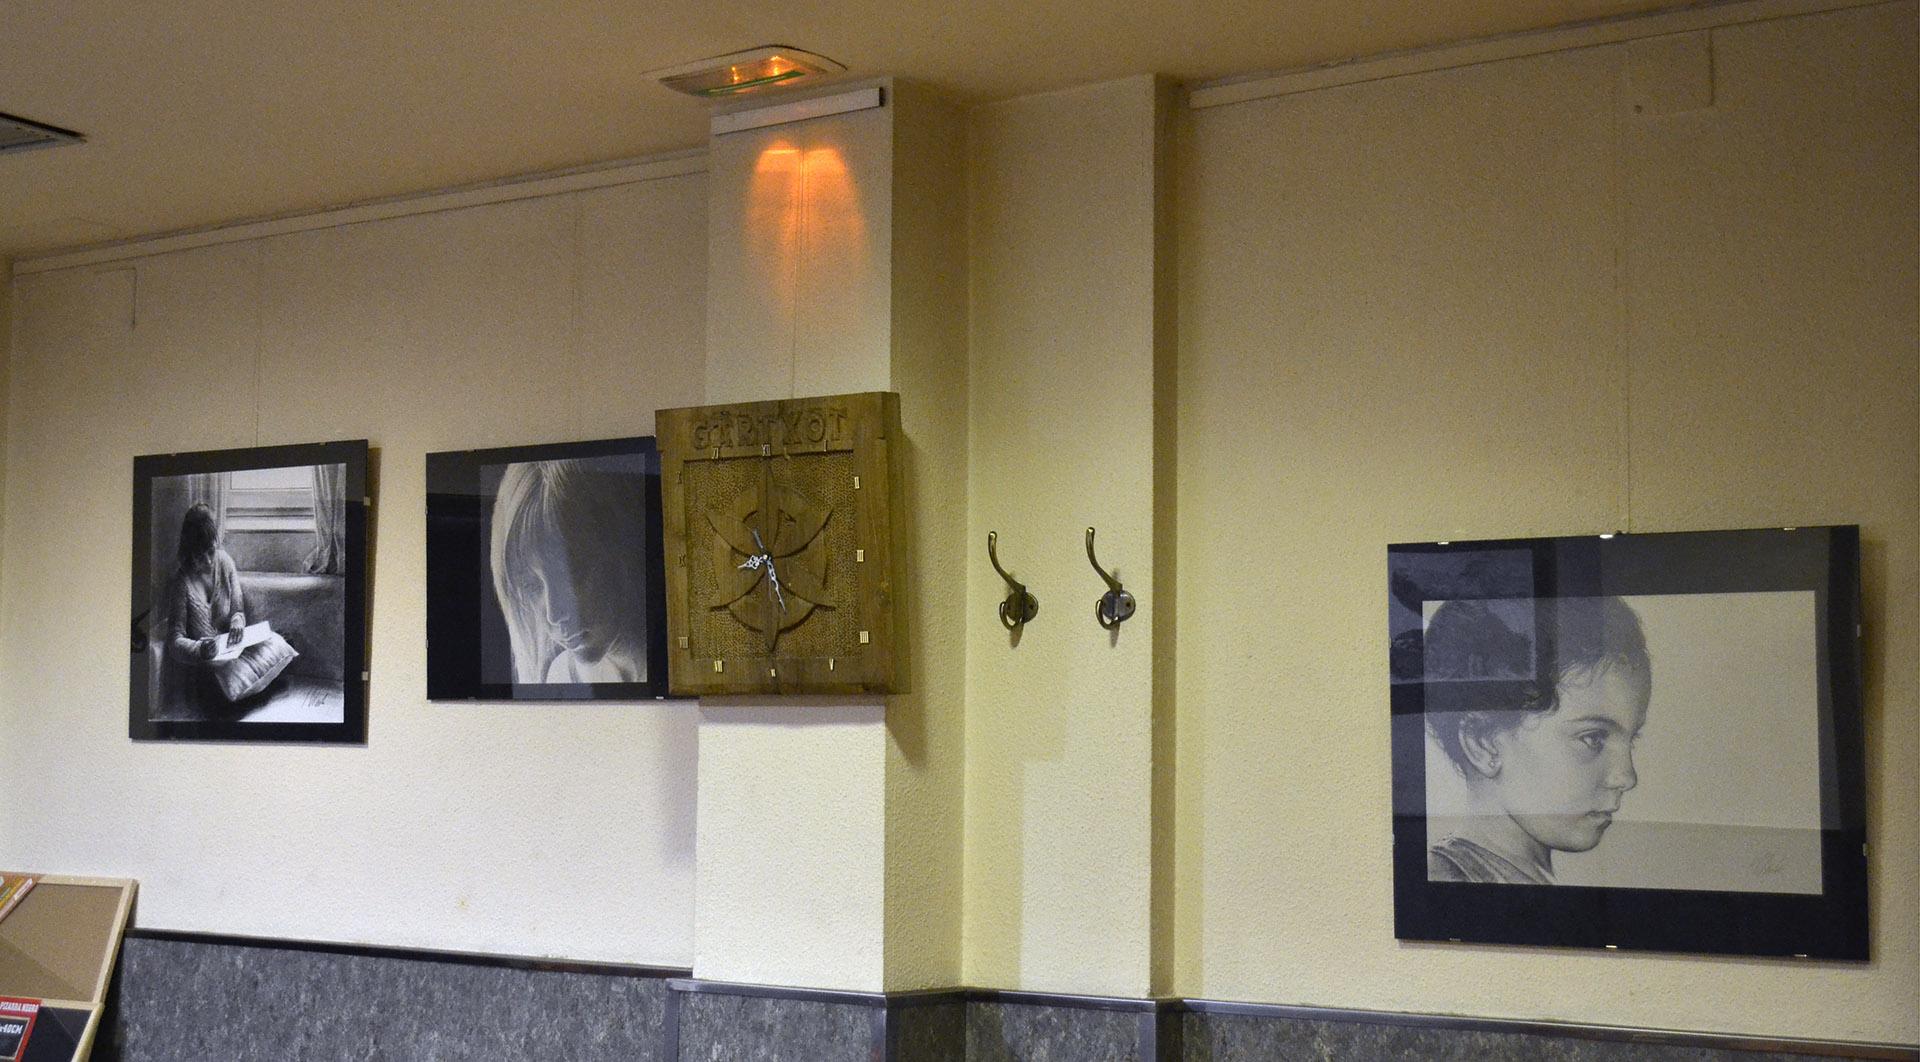 Exposición Javier Olmedo, Bar Gartxot mayo - junio de 2018. 03